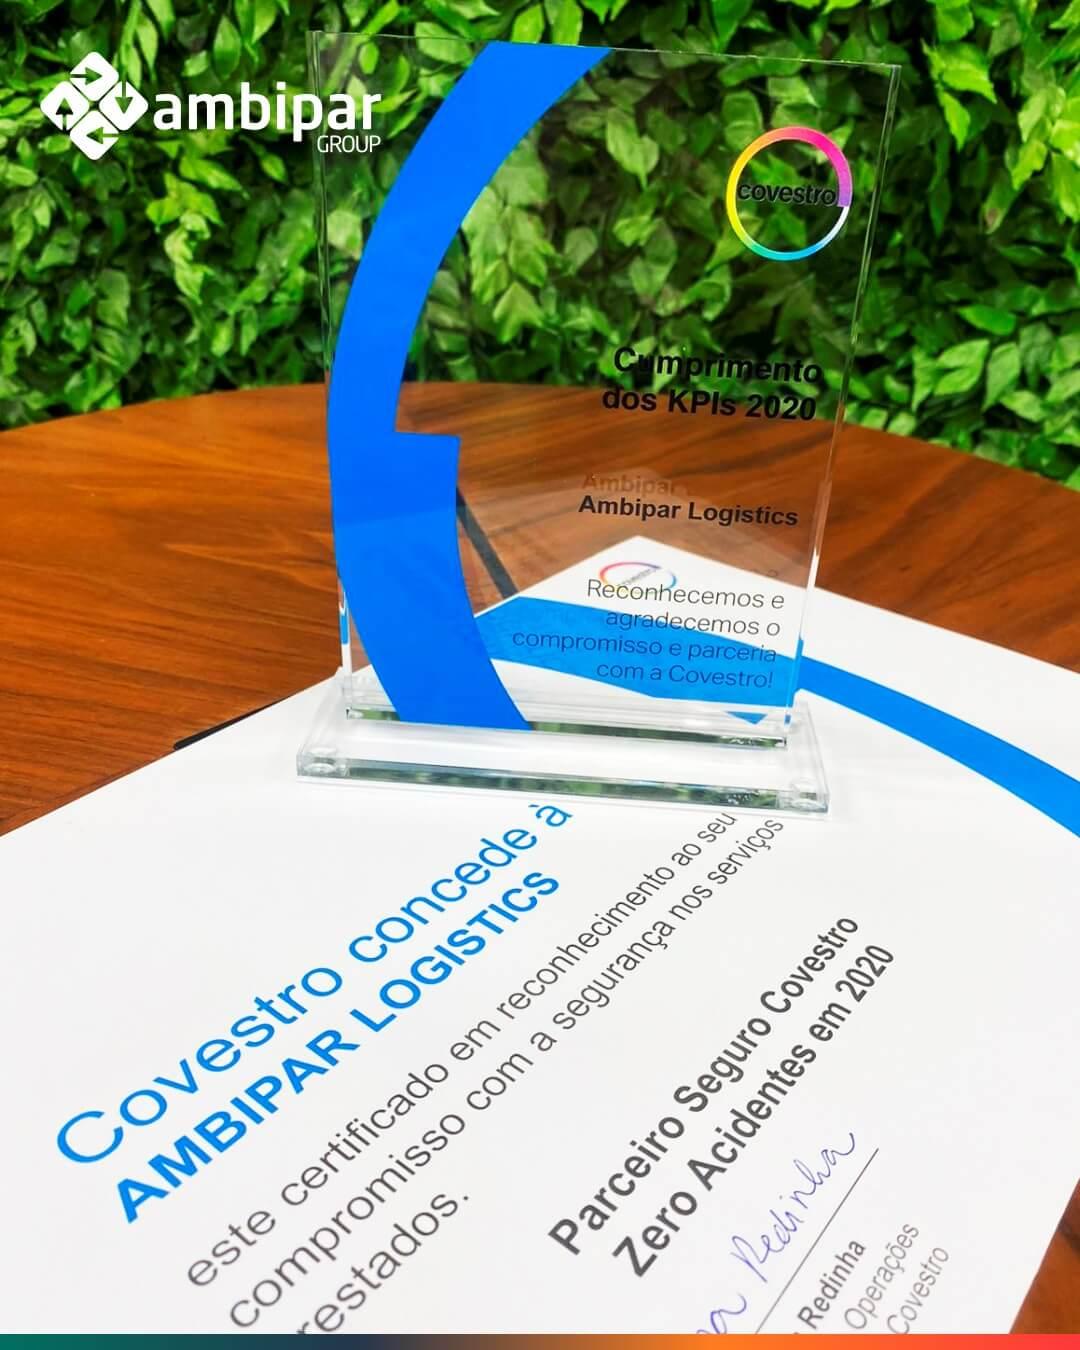 Prêmio Covestro 2021 por ser a melhor fornecedora de serviços logísticos